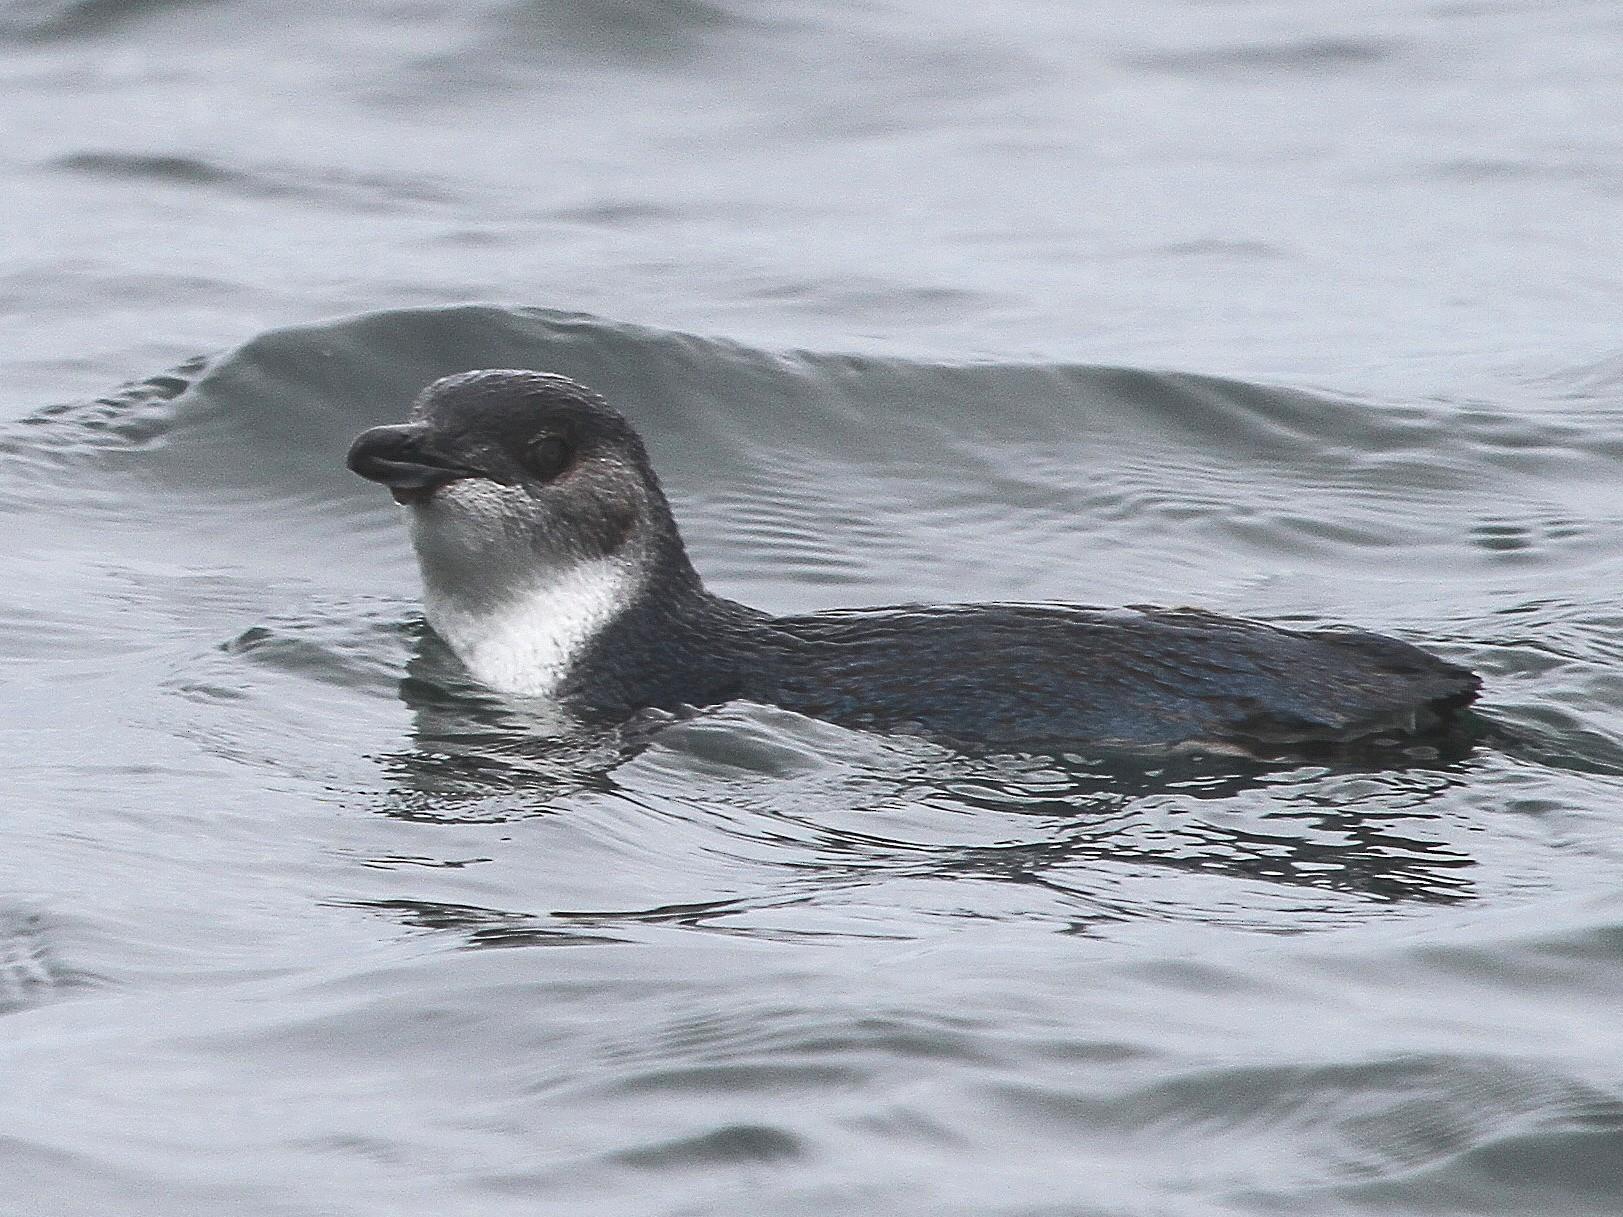 Little Penguin - Stephen Gast